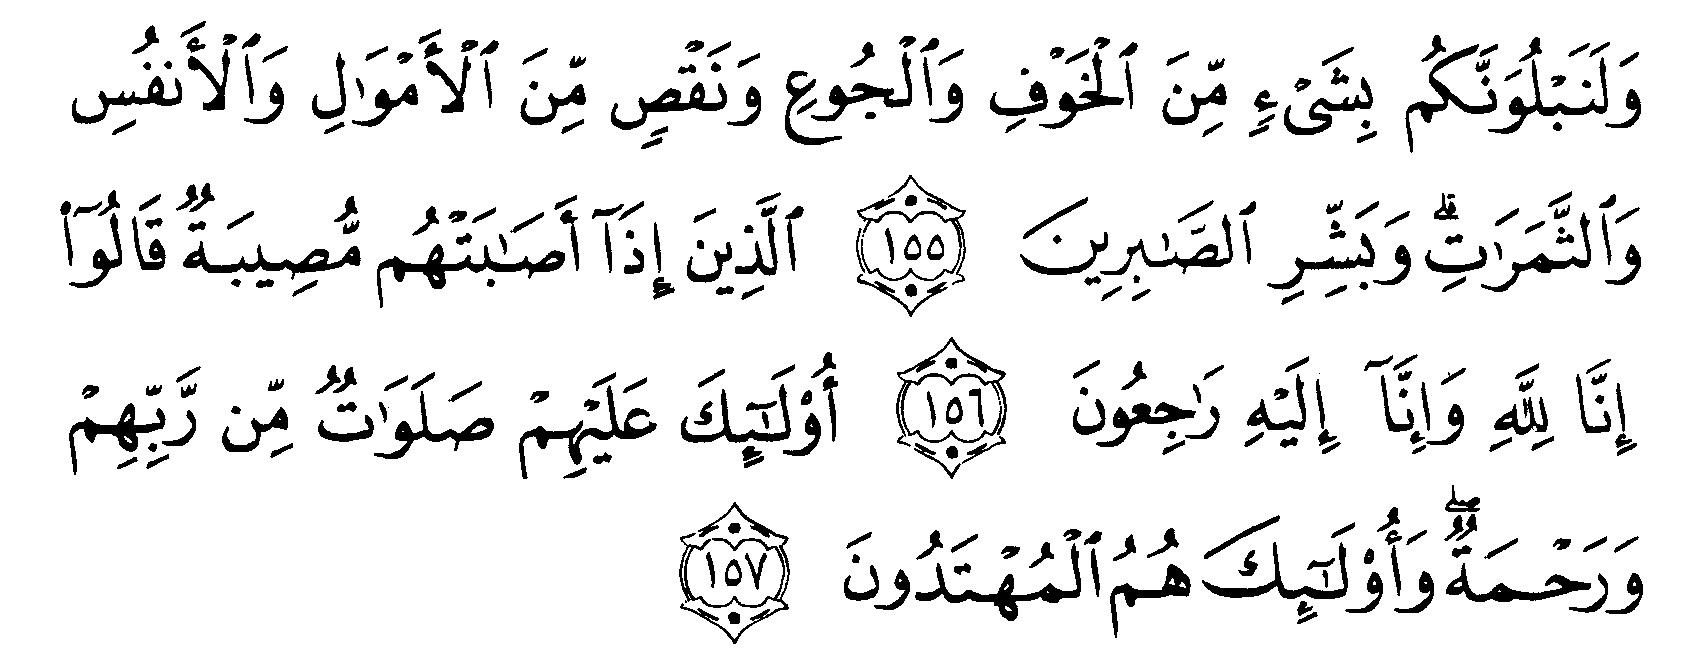 surah baqarah arabic pdf download